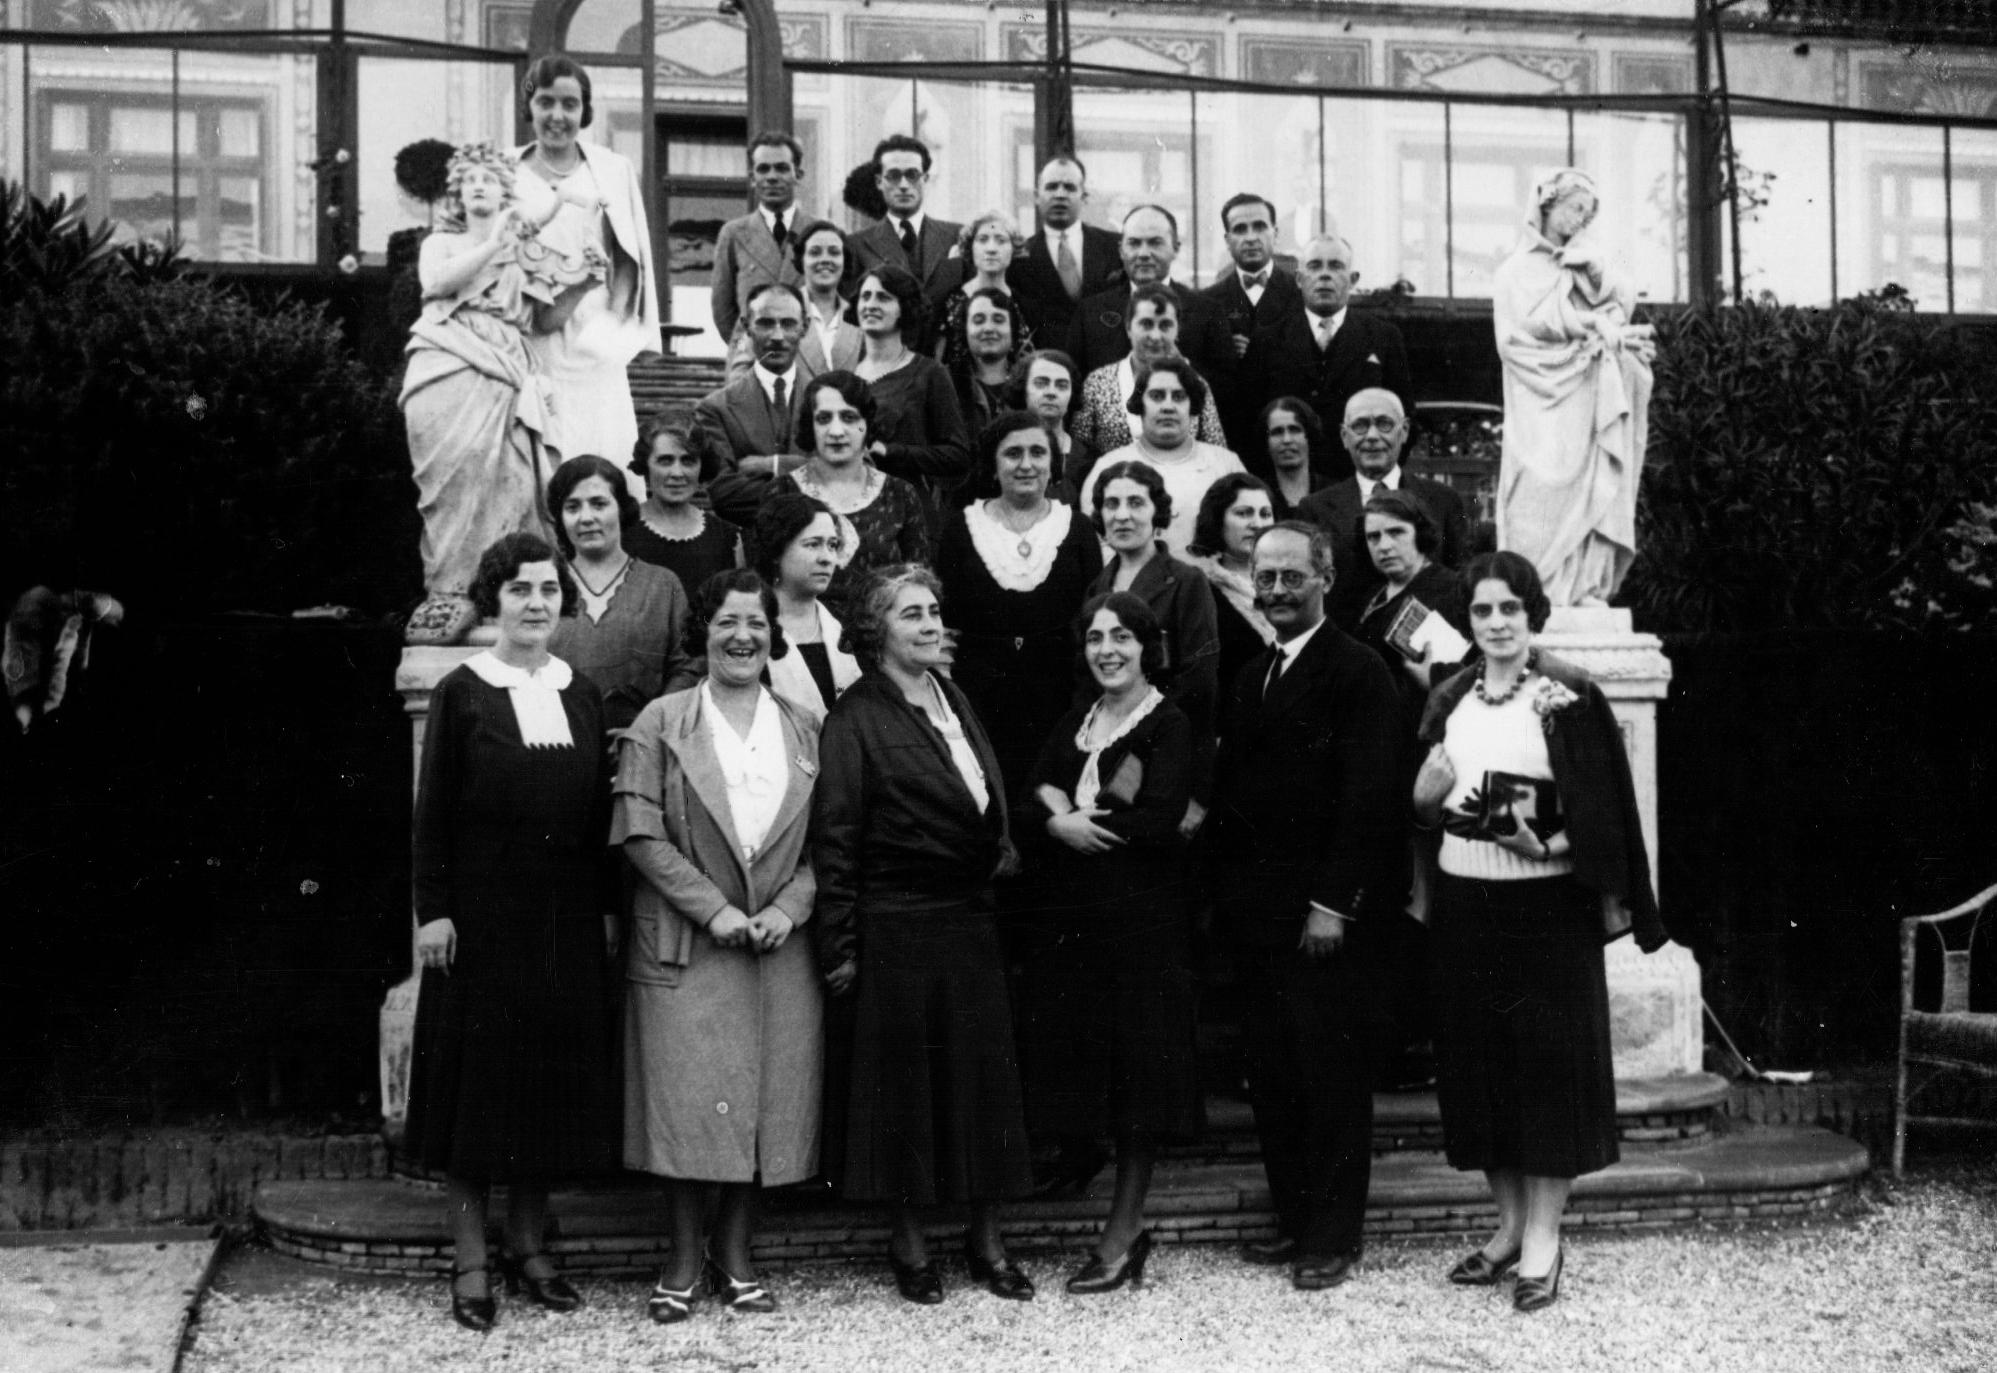 Pablo de A. Cobos (fila superior, primero por la izquierda) y Enriqueta Castellanos (primera fila, cuarta por la izquierda) junto con otros maestros en Barcelona. Barcelona, 1931. Archivo Enriqueta Castellanos.